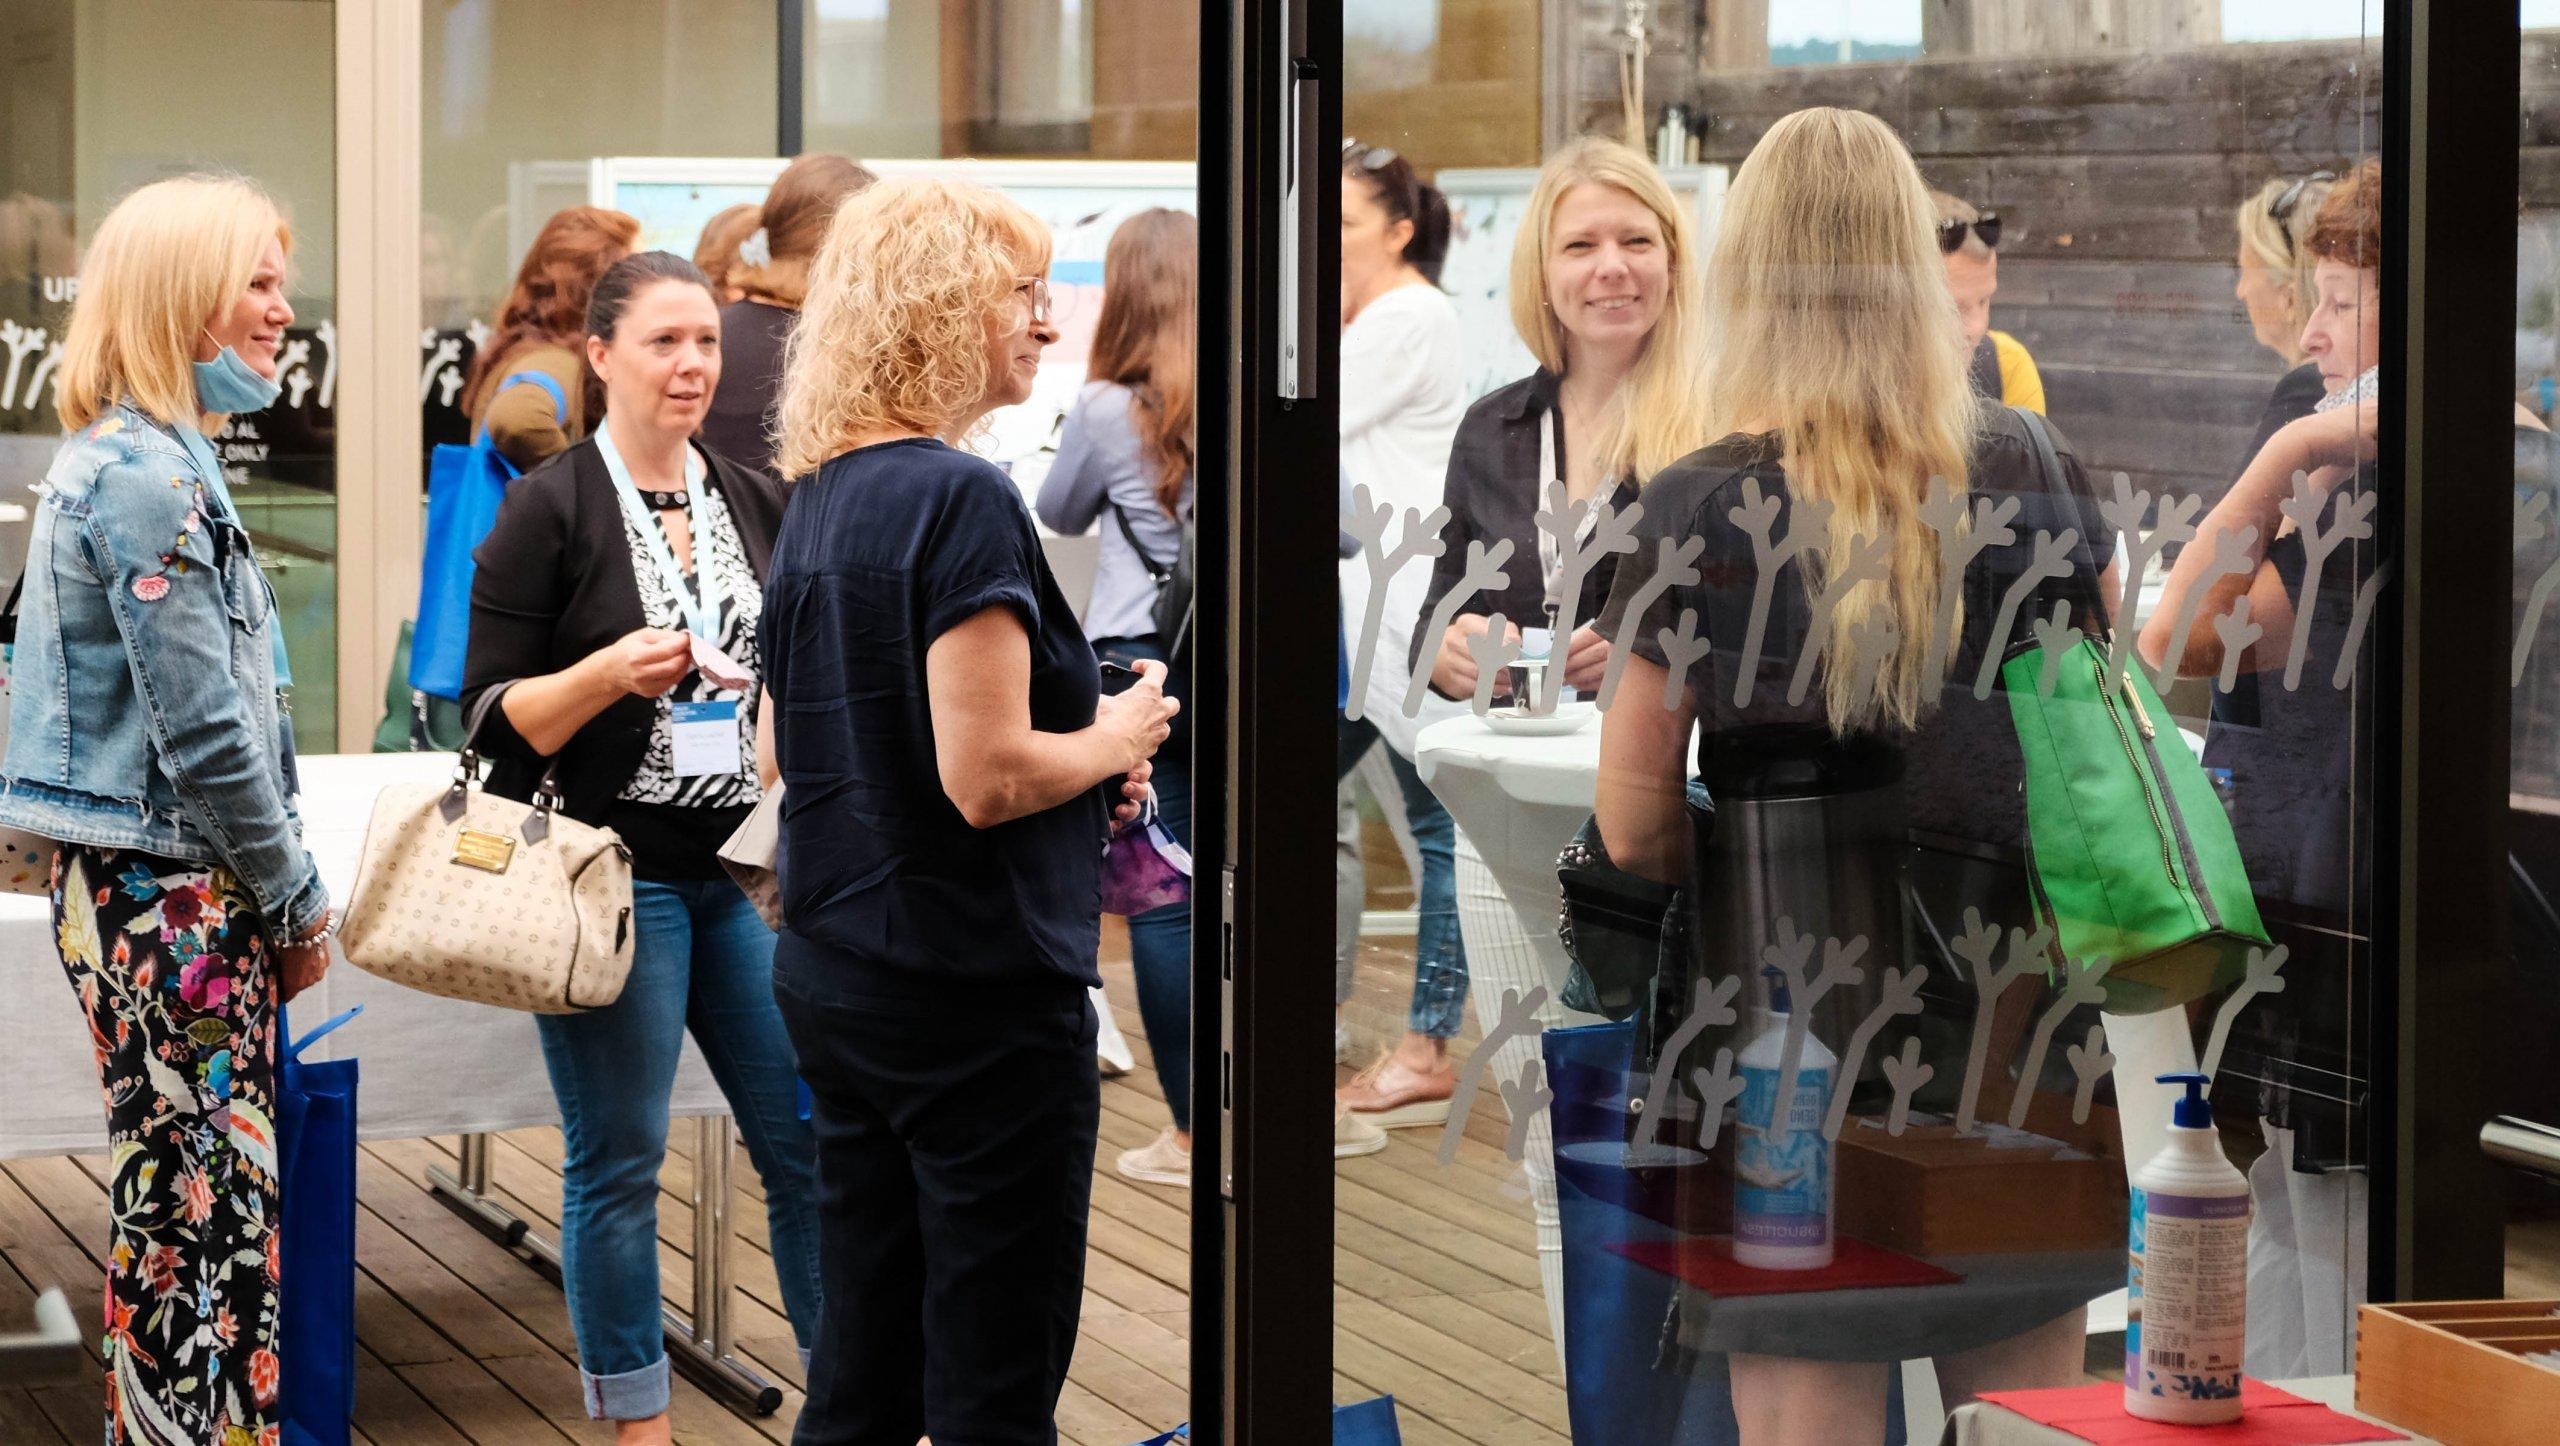 Skupni izzivi – priložnost za povezovanje in prenos dobrih praks med podjetji